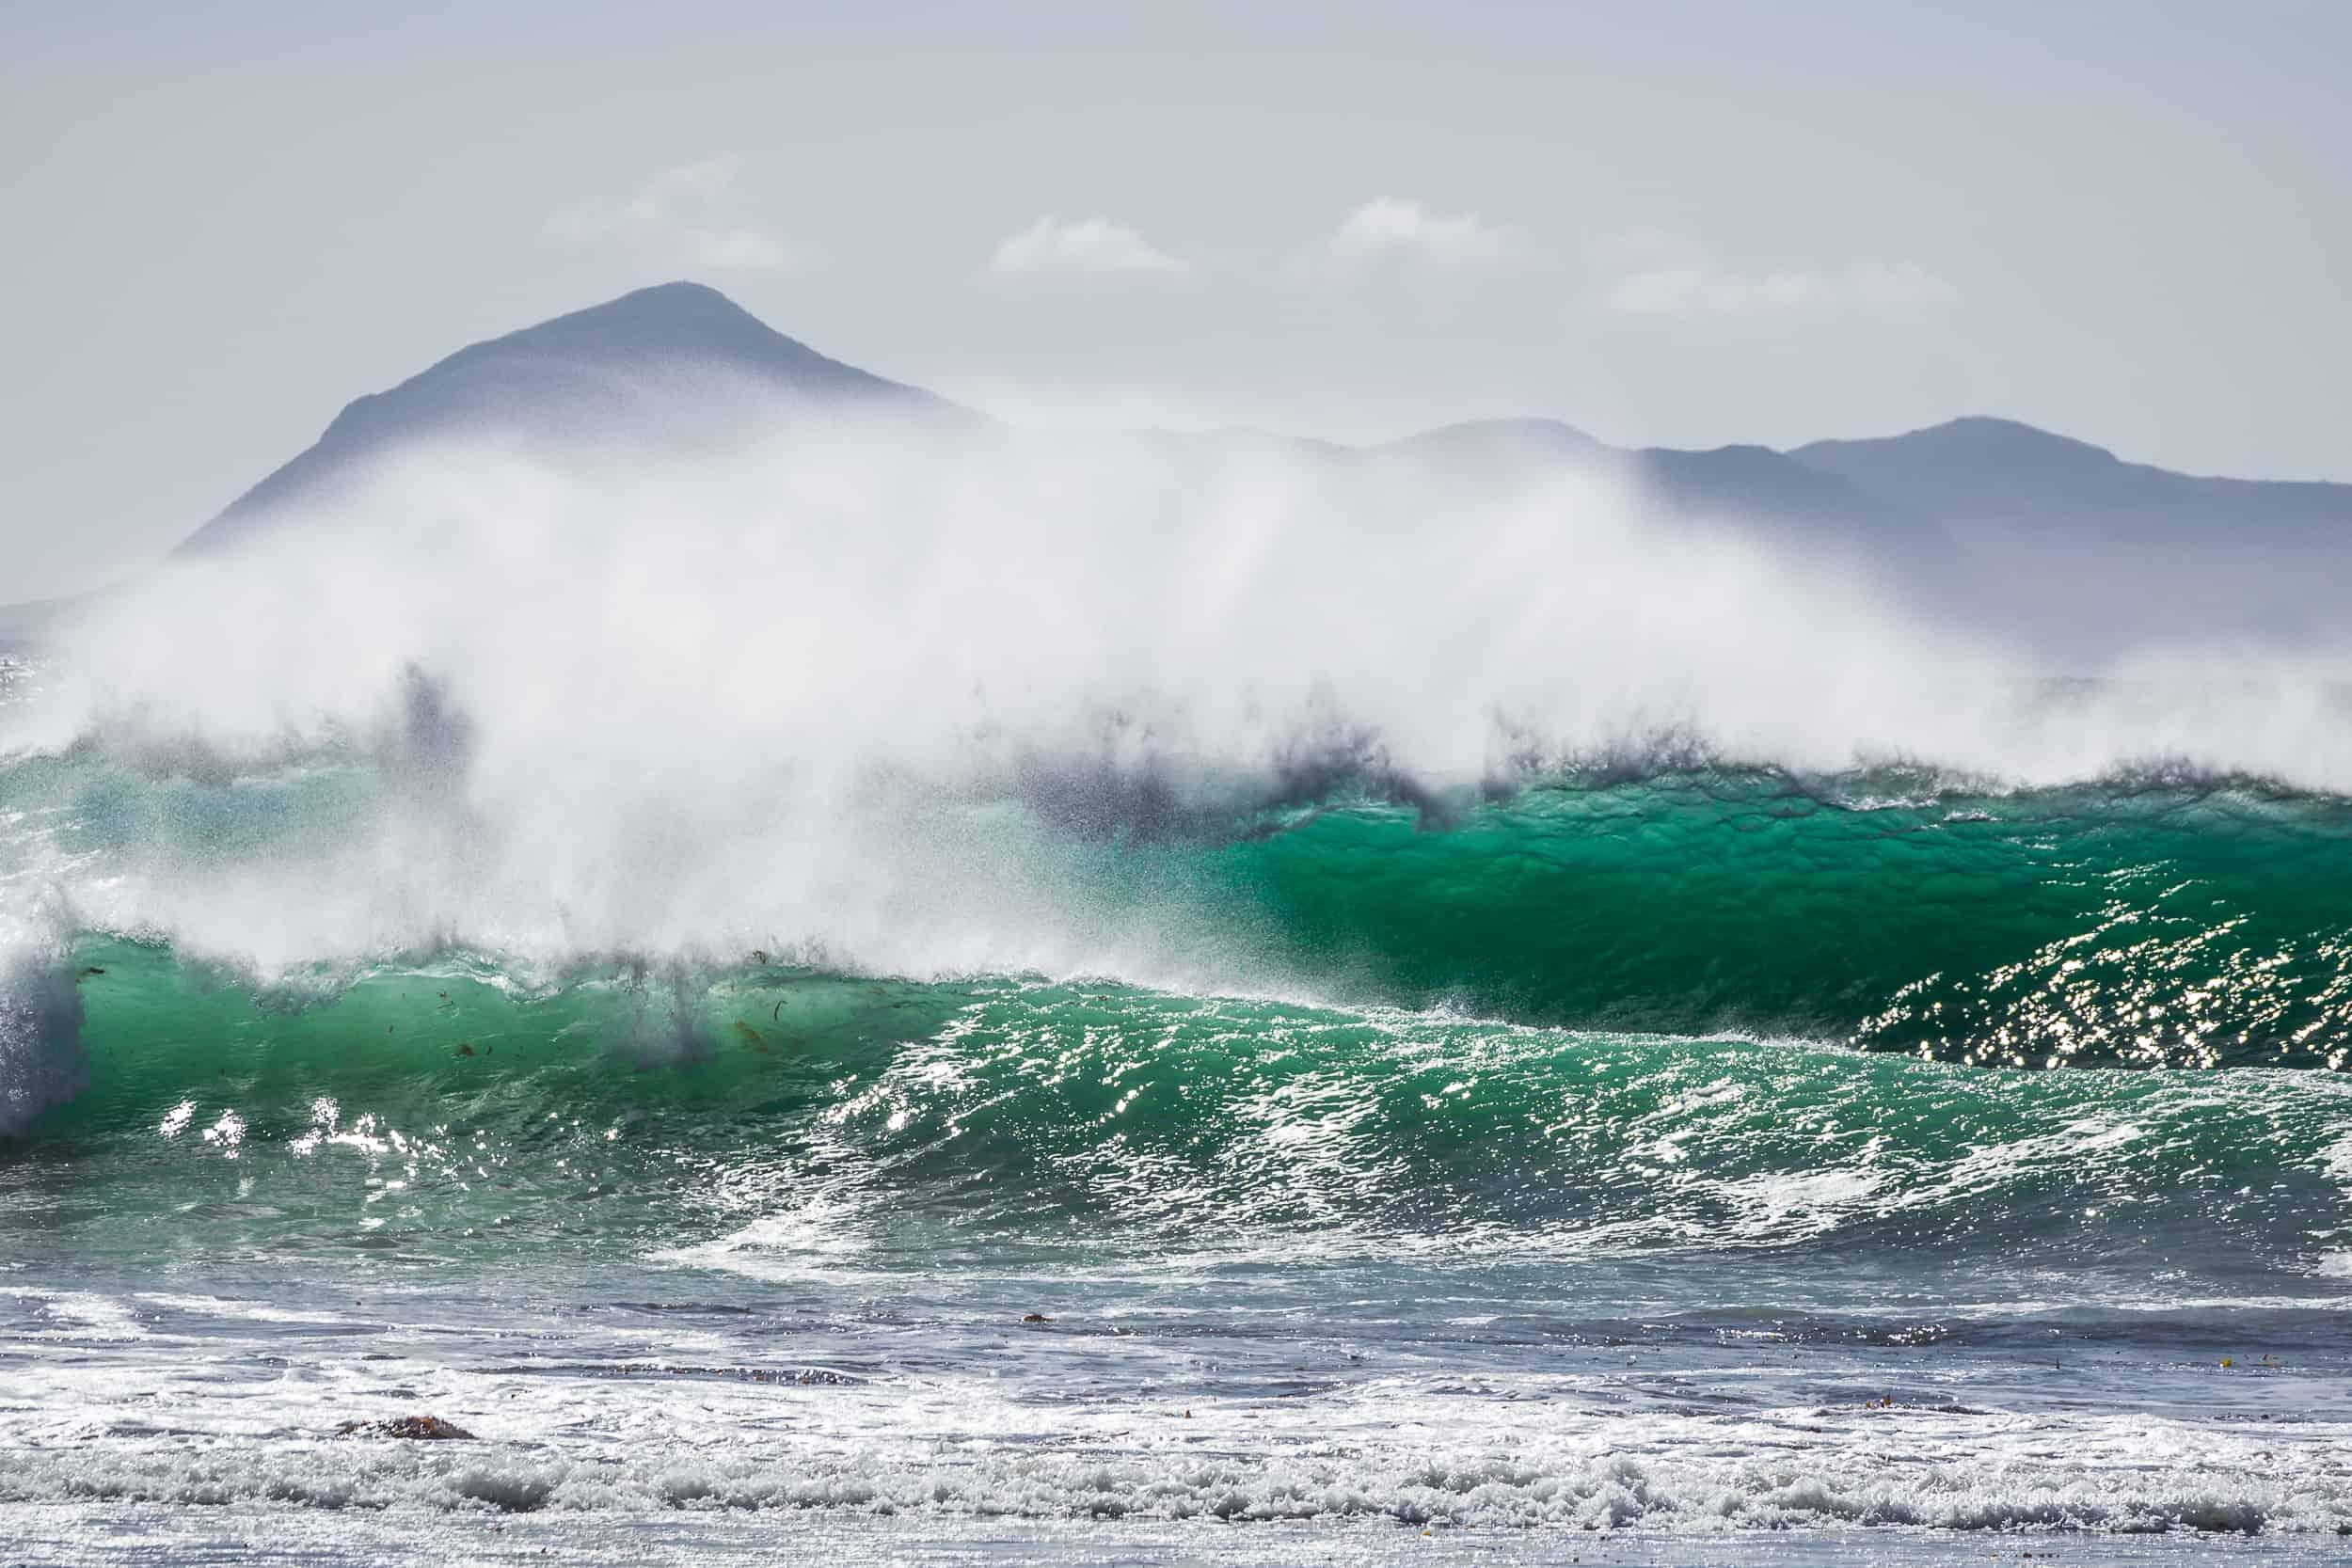 Et sett med bølger ruller inn.